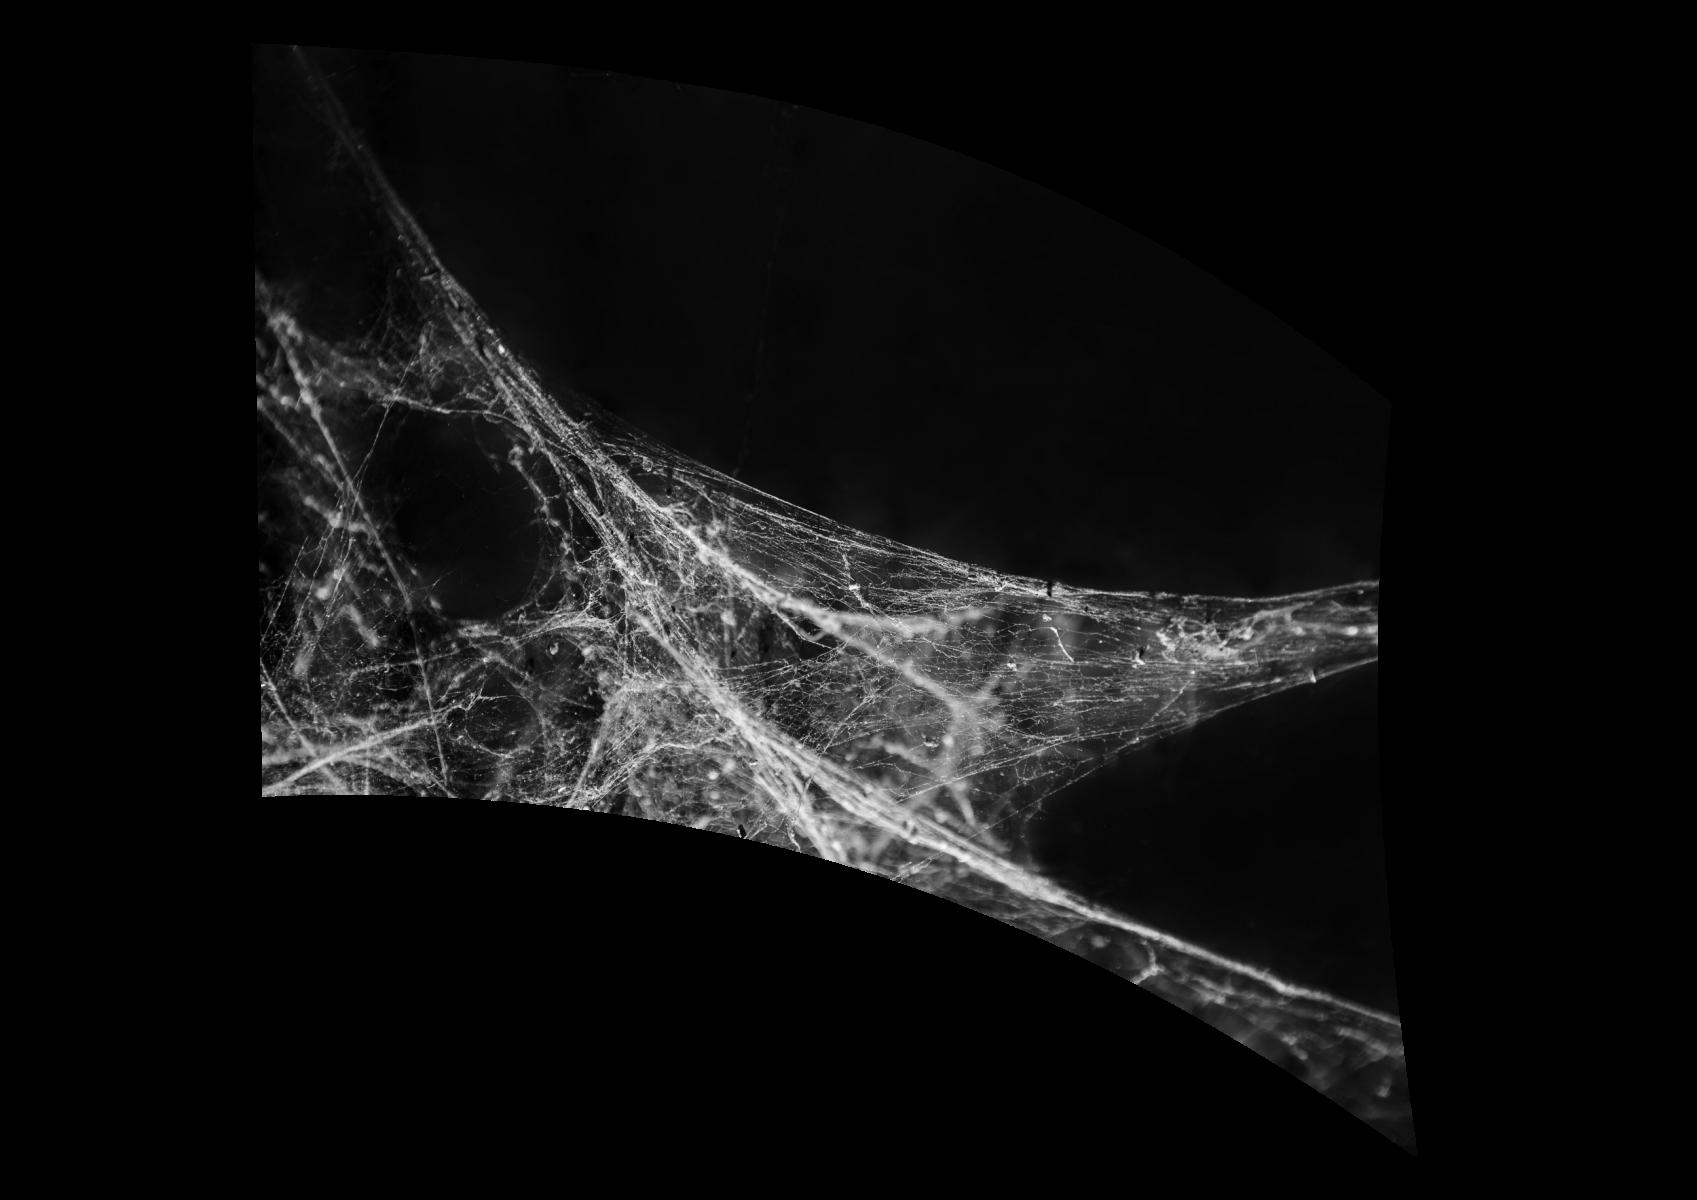 070101s - 36x54 Standard Spiderweb